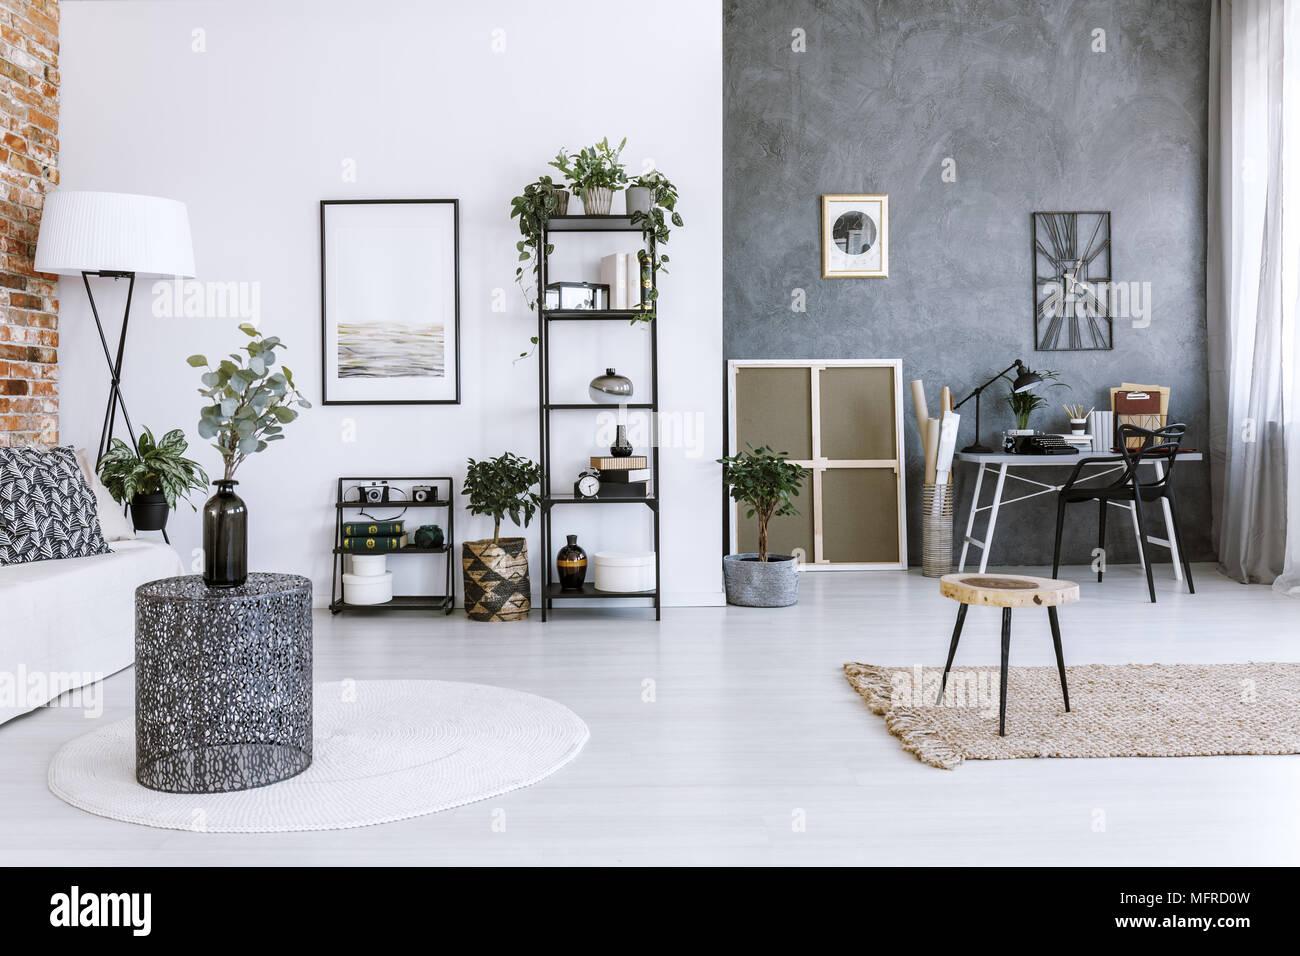 Grigio home office con impianti di metallo, tavolino da caffè e materie, muro di cemento Immagini Stock